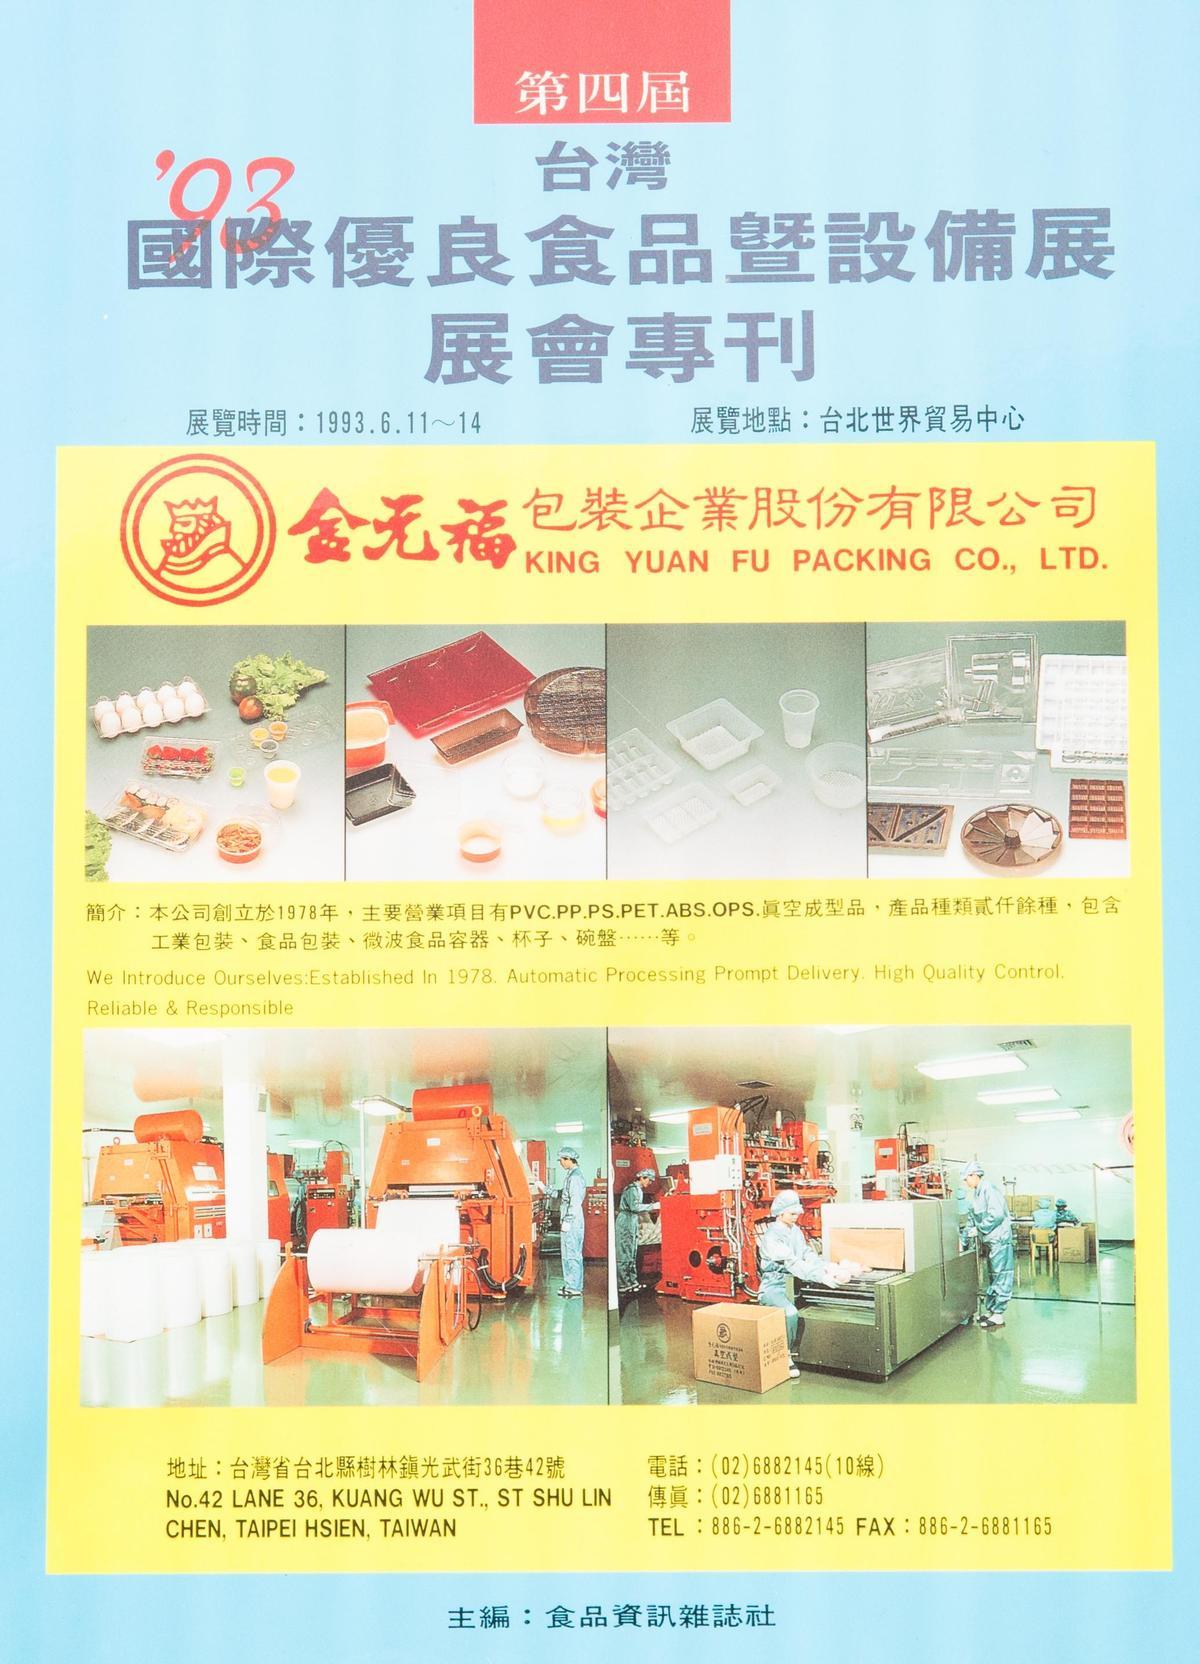 父親陳志堅經常大手筆買廣告。(金元福提供)